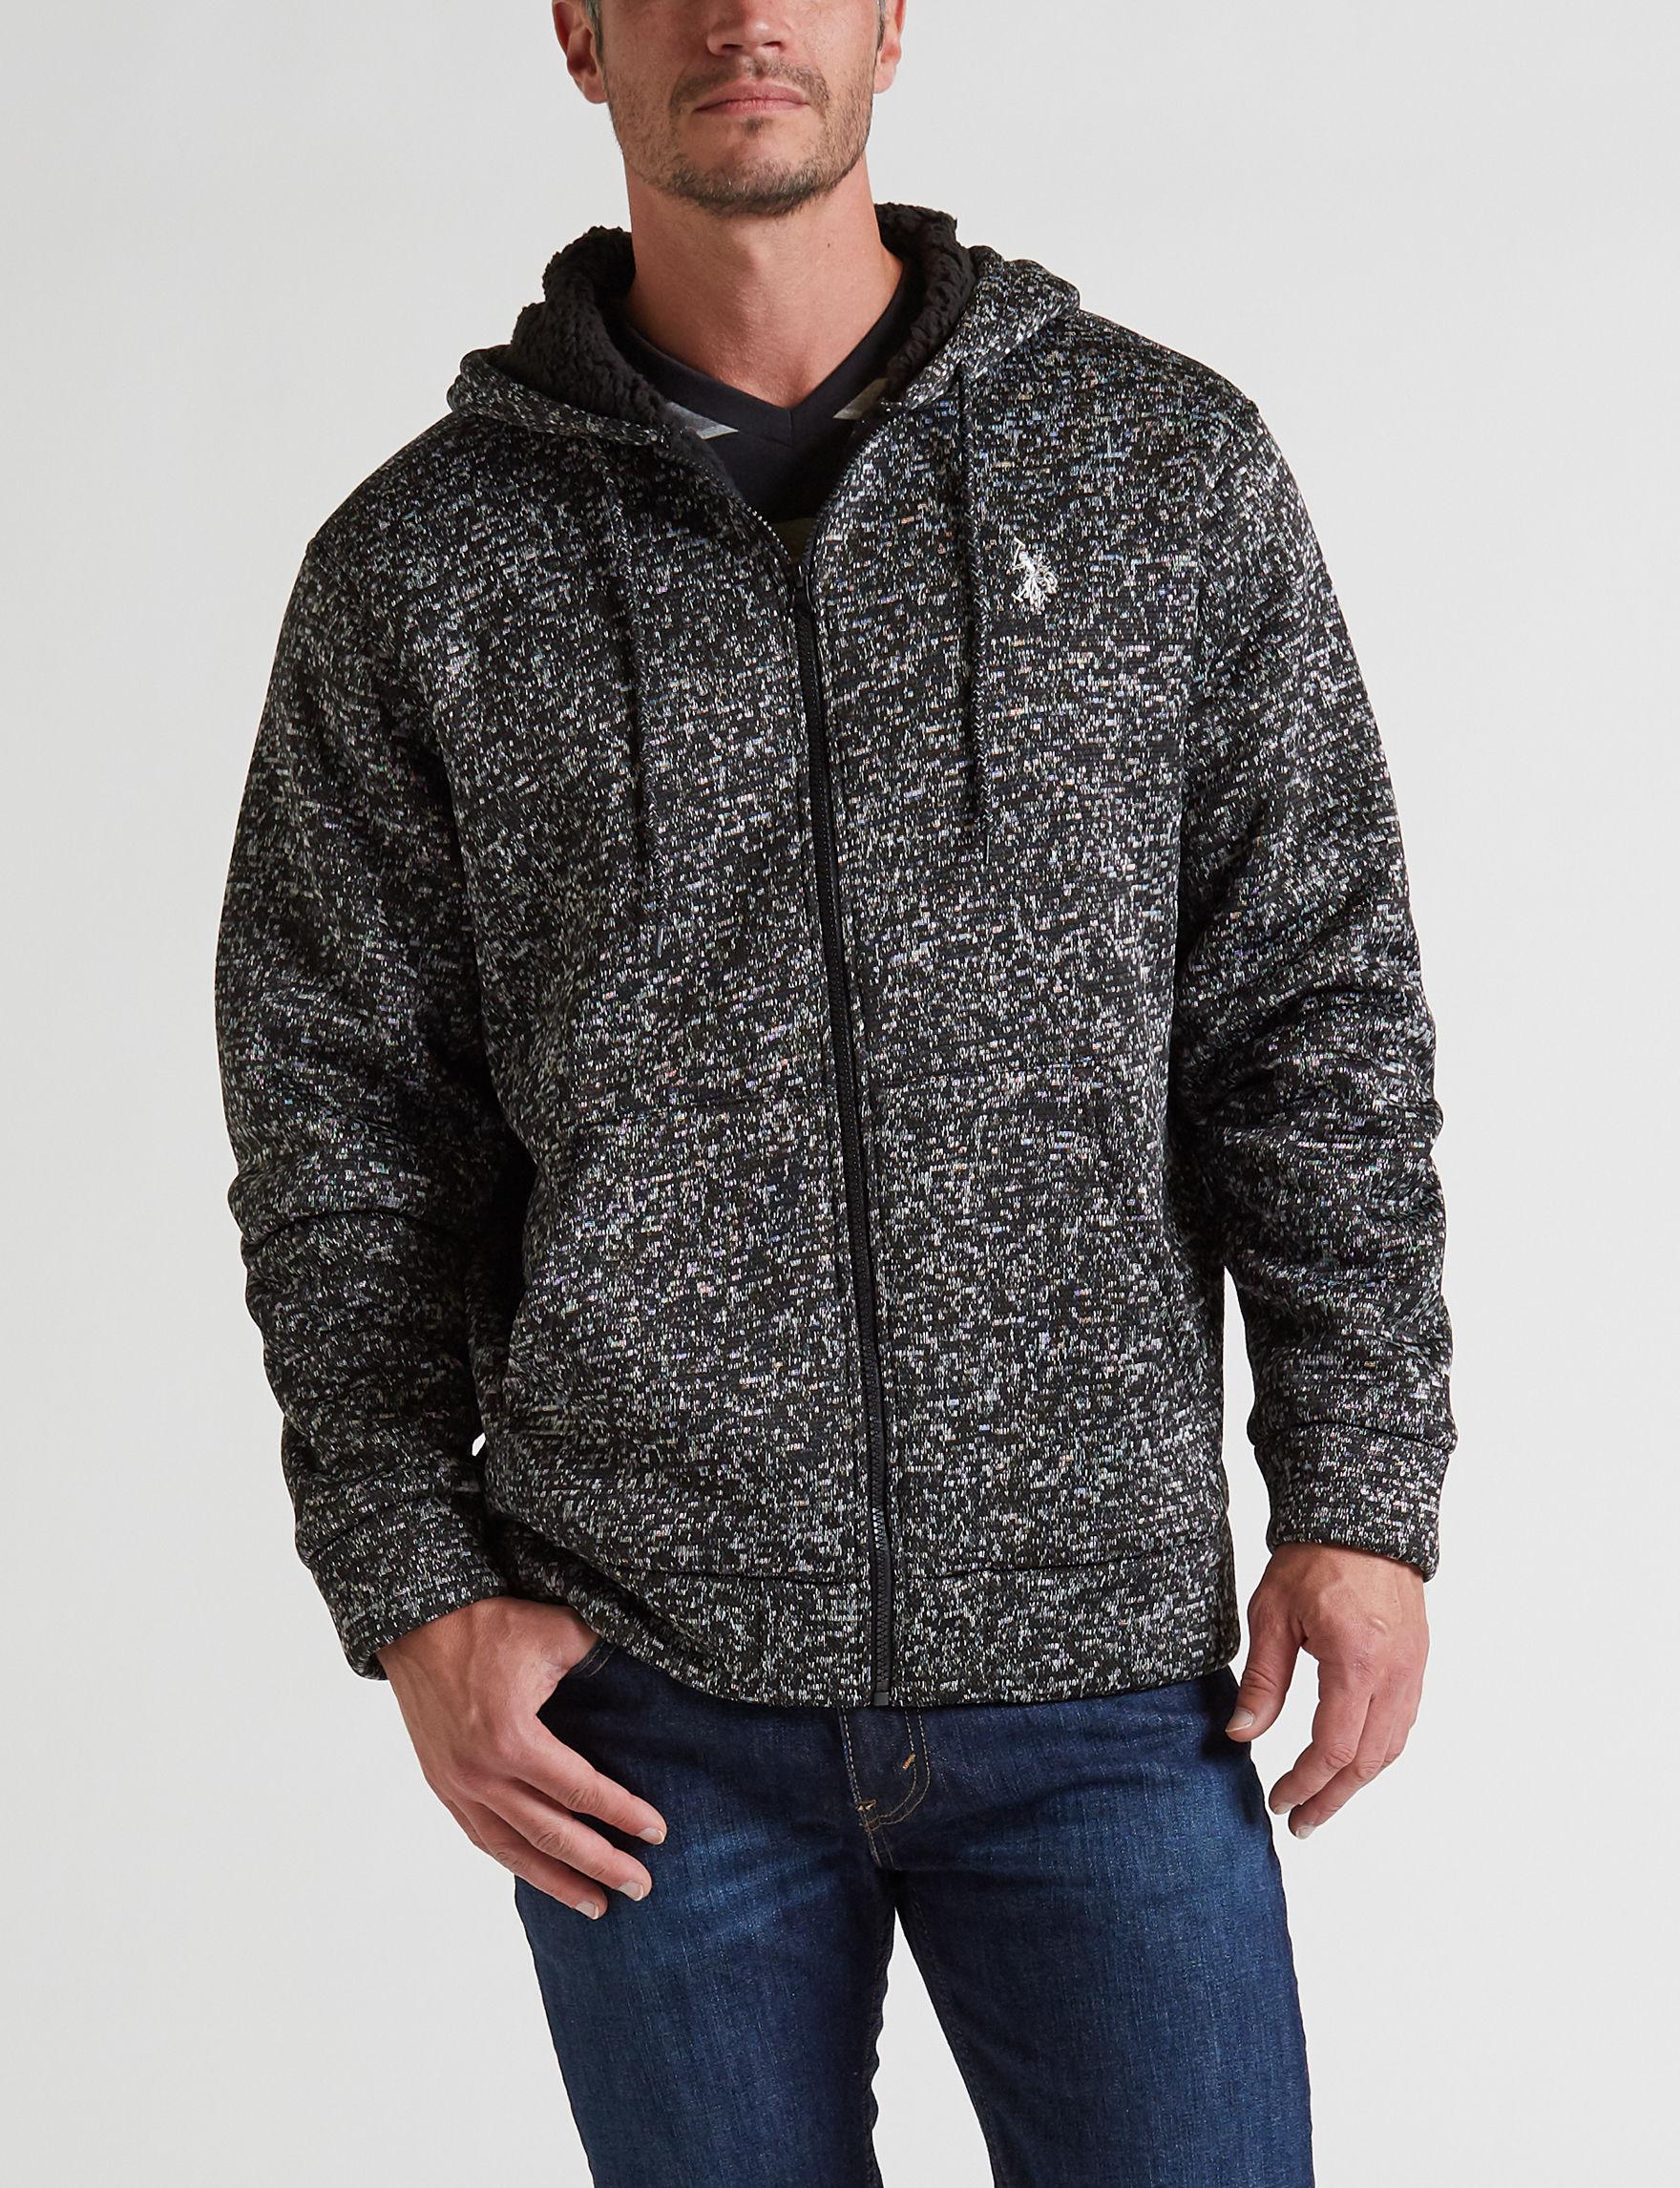 U.S. Polo Assn. Heather Black Fleece & Soft Shell Jackets